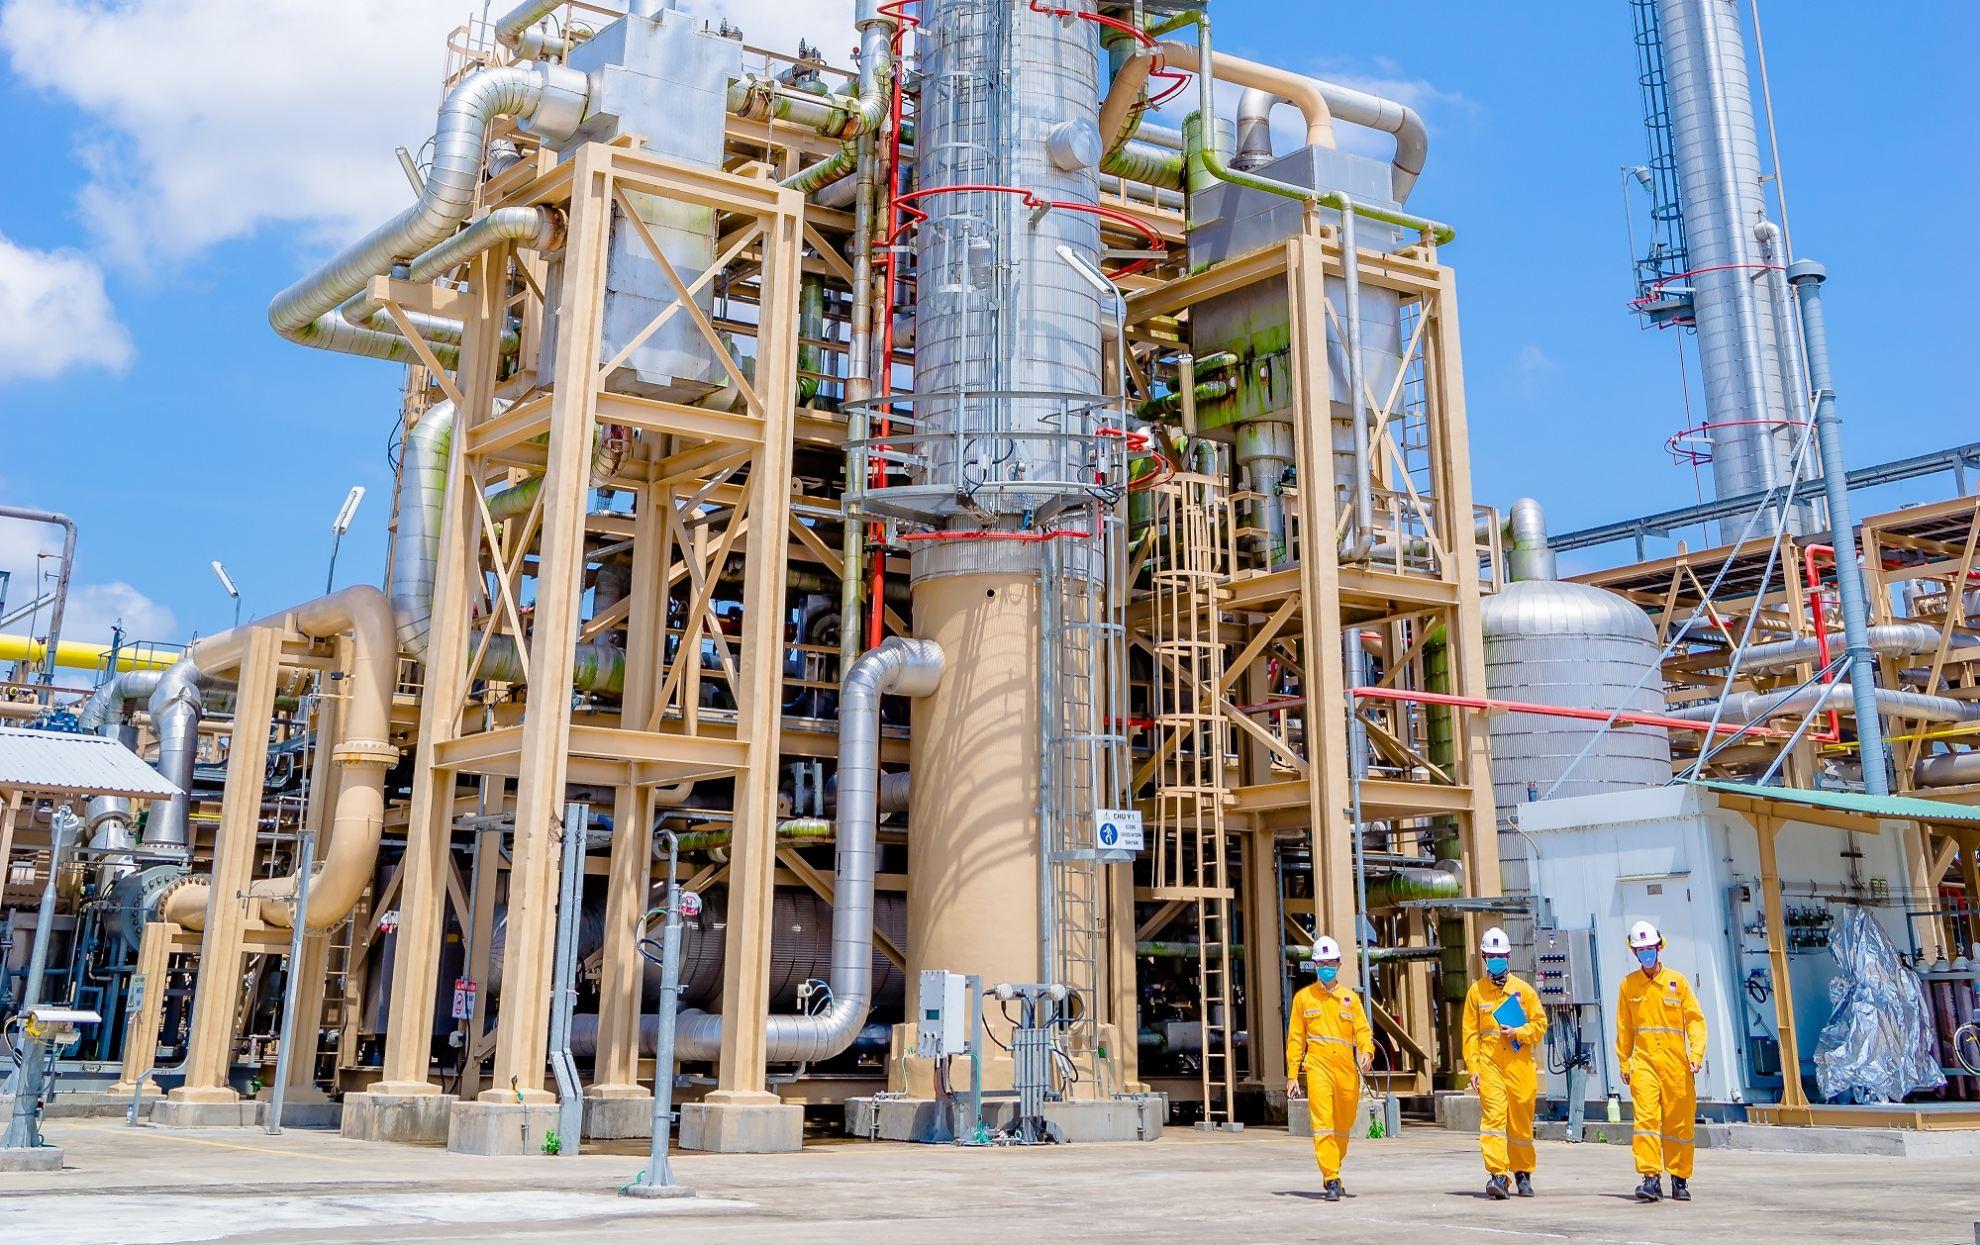 10 công việc chuyên ngành Dầu khí được trả lương cao | Kỹ thuật Dầu khí, chương trình Chất lượng cao, Trường Đại học Bách khoa